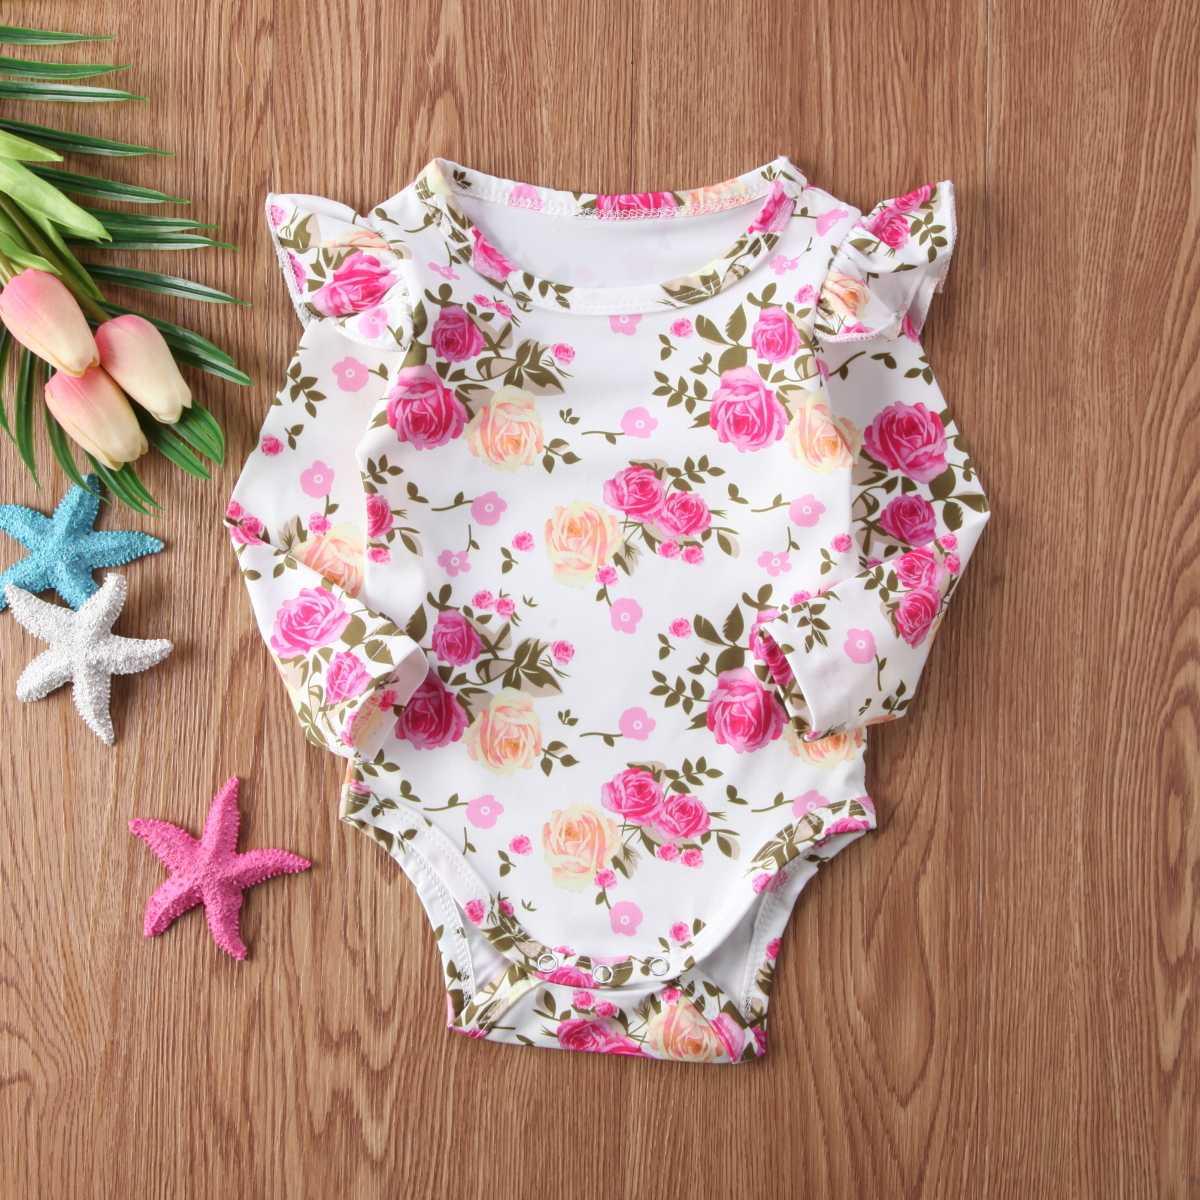 Мода 2018, милый комбинезон с цветочным рисунком для новорожденных девочек, гофрированная Роба, одежда